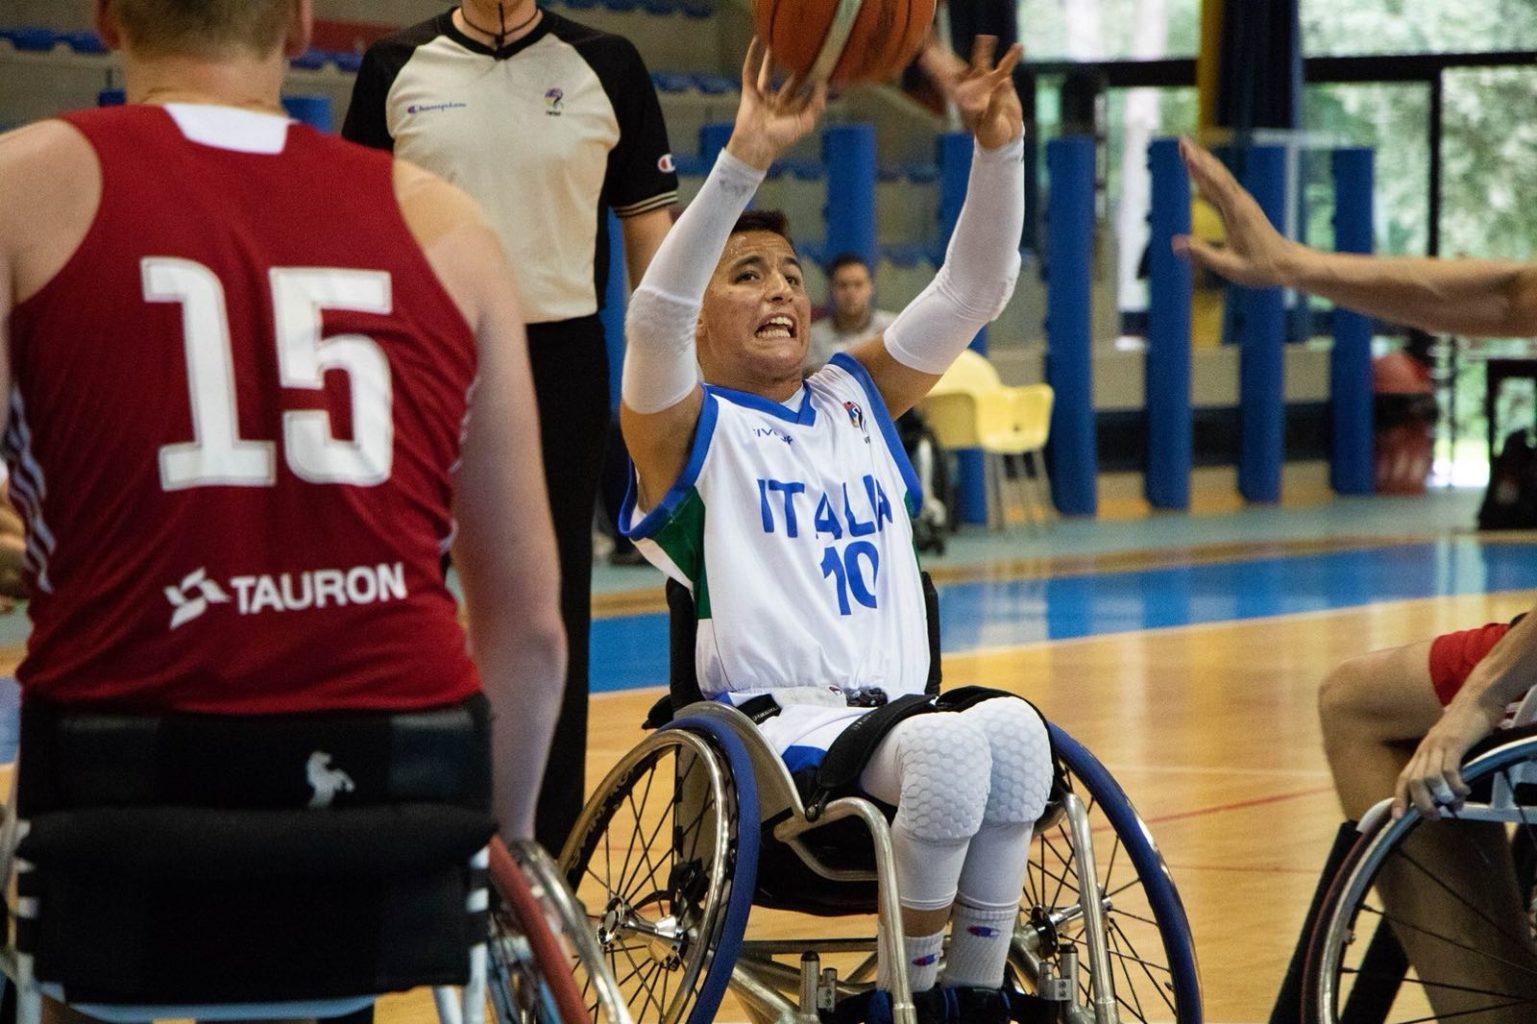 Massimiliano Segreto